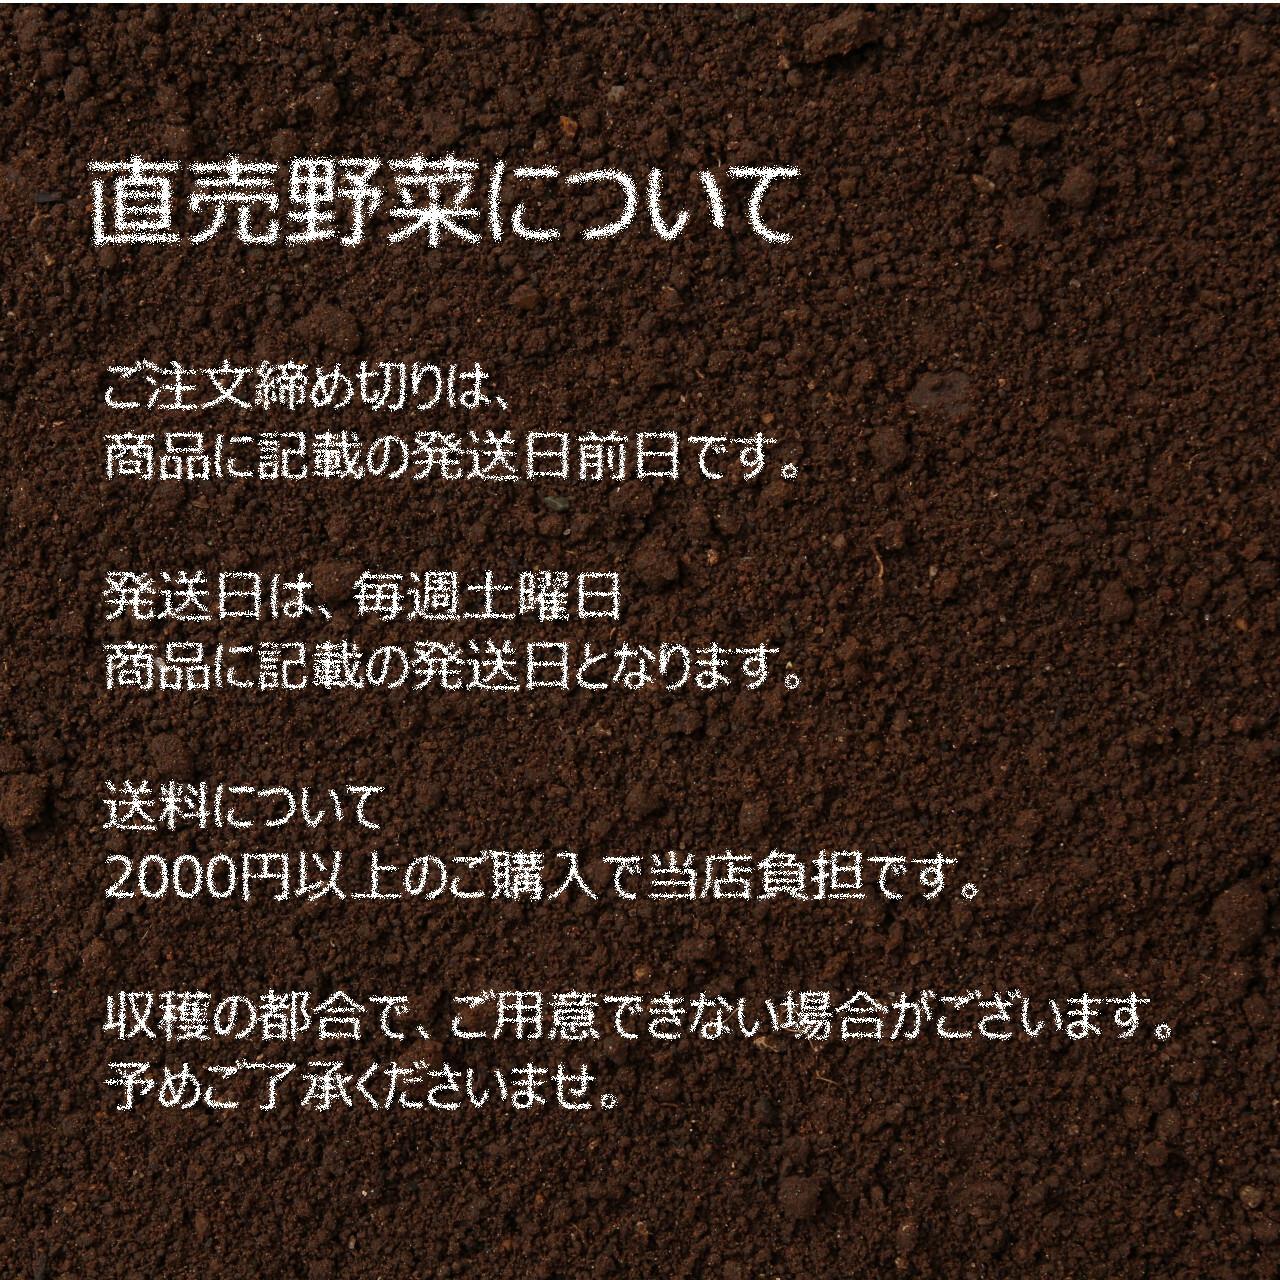 新鮮な秋野菜 : かぼちゃ 1個 9月の朝採り直売野菜 9月12日発送予定